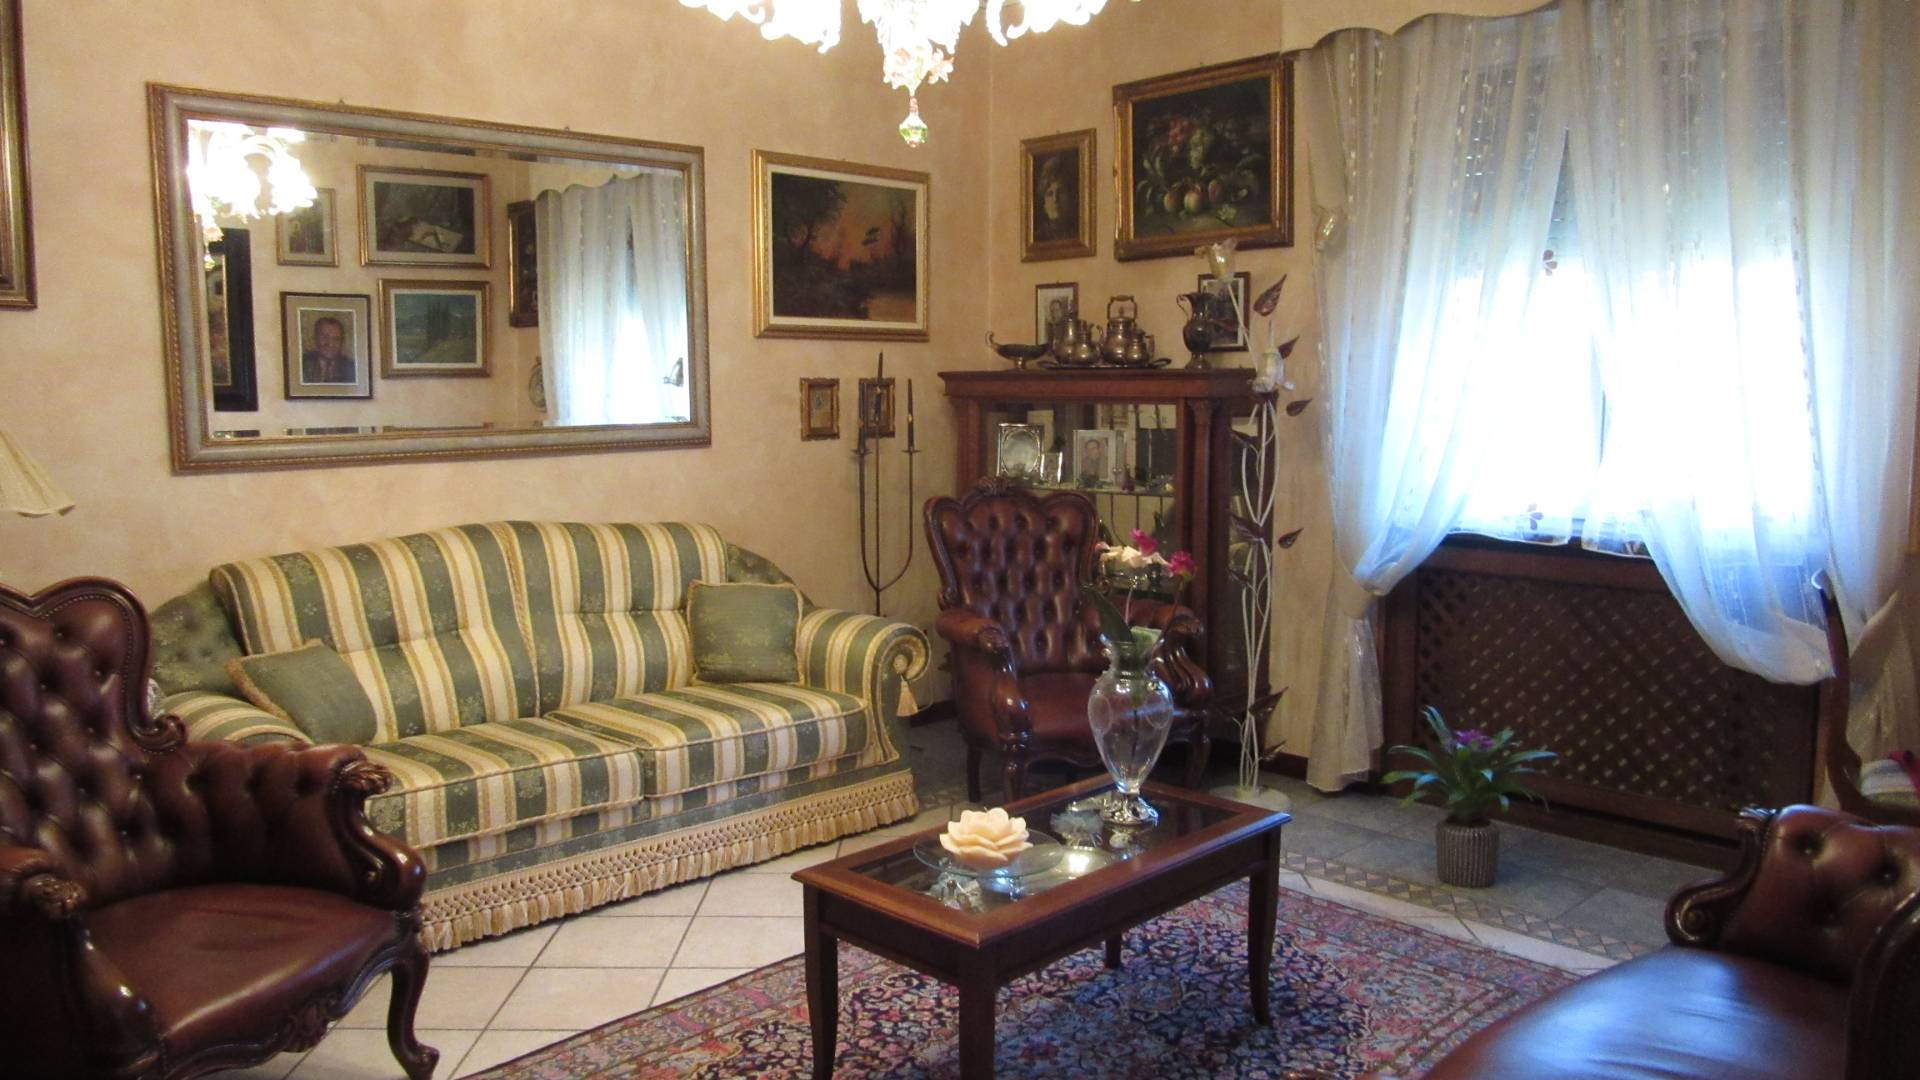 Appartamento in vendita a Villa Carcina, 3 locali, zona Zona: Carcina, prezzo € 155.000 | CambioCasa.it